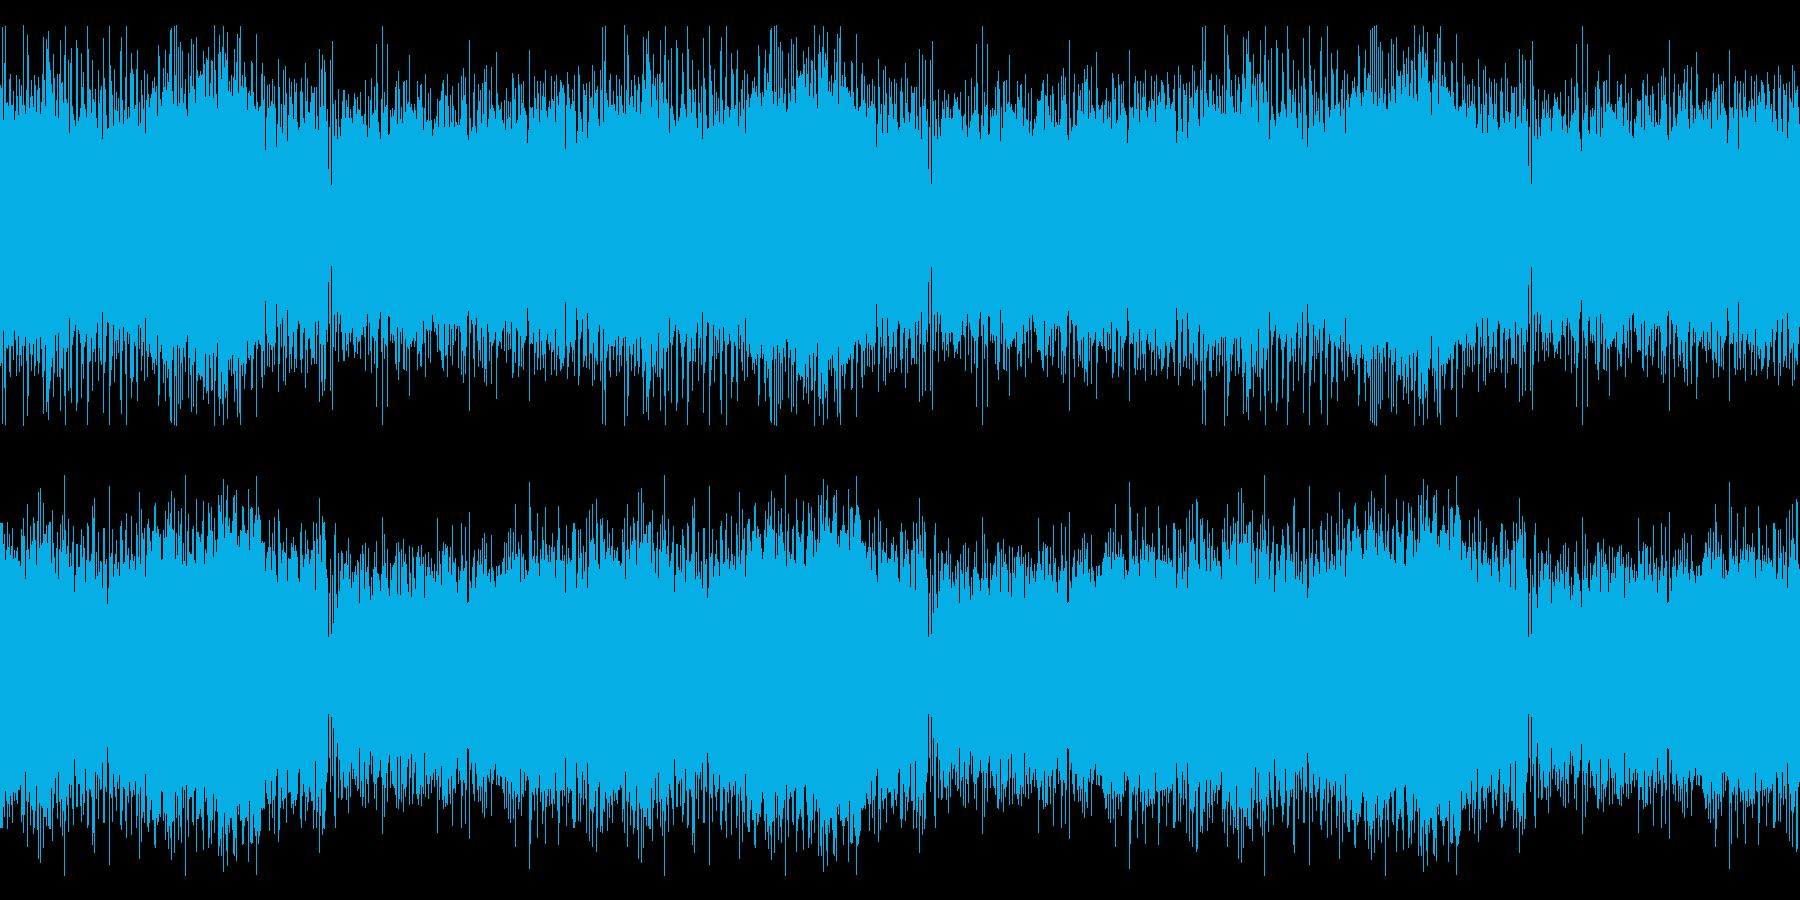 ゲームの戦闘バトル時に流れそうなBGMの再生済みの波形